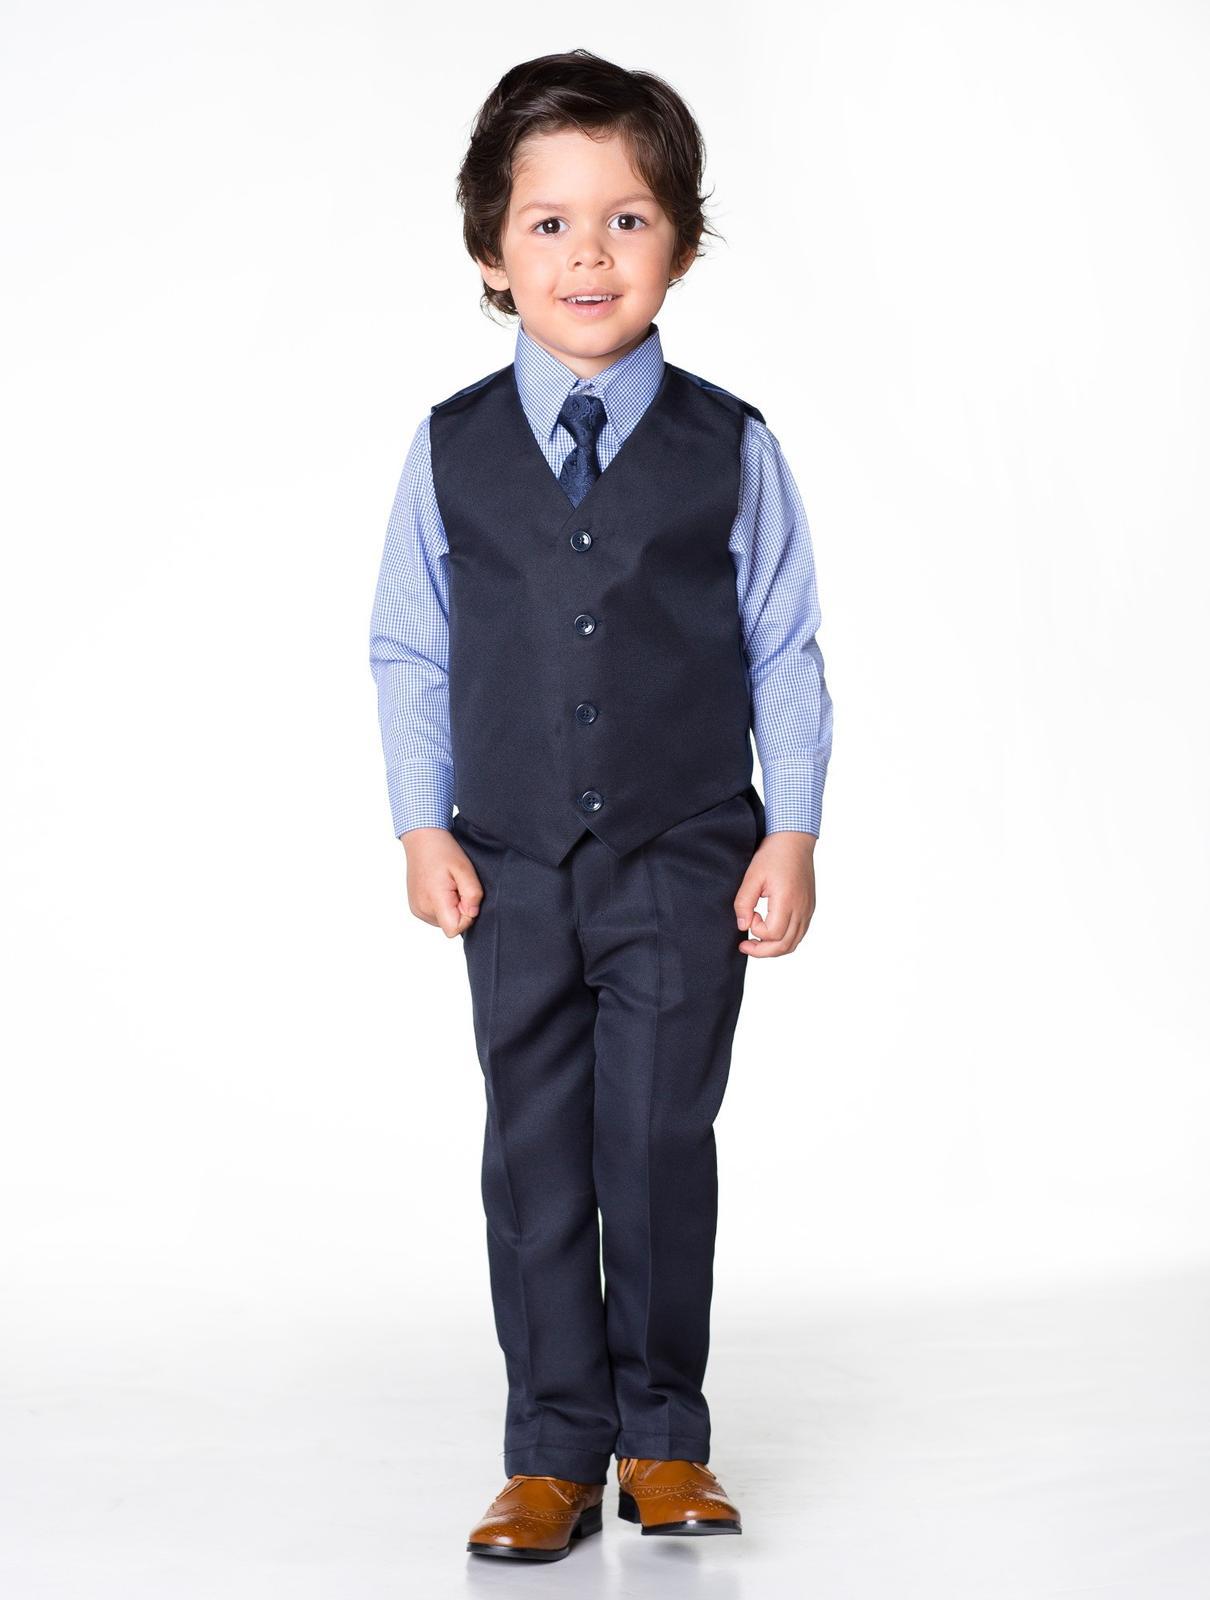 AKCE - tmavě modrý oblek, k prodeji, k půjčení - Obrázek č. 3